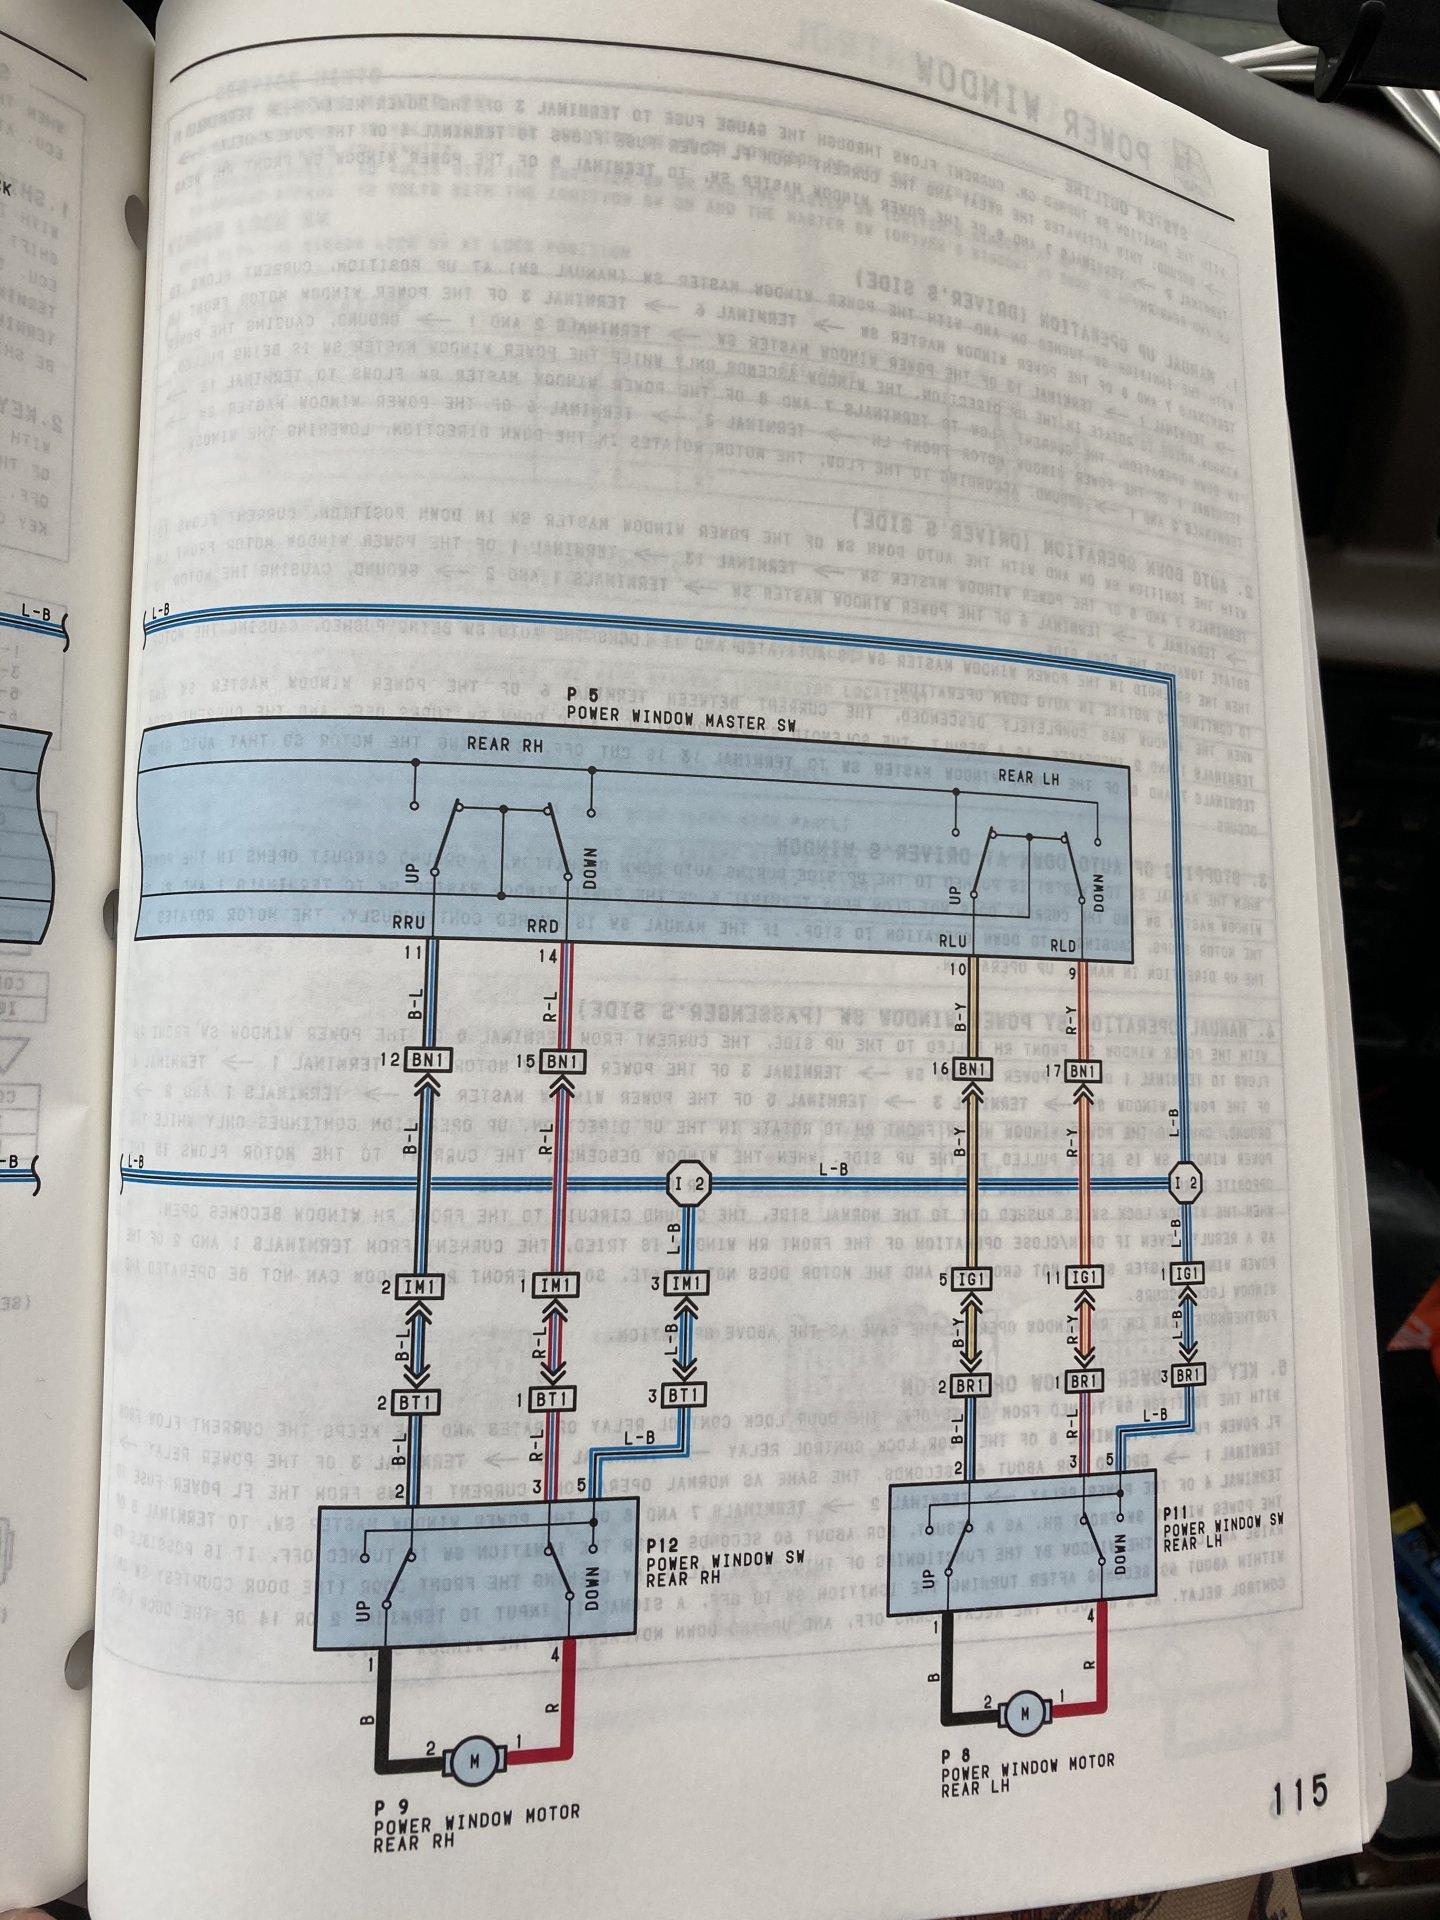 CFBC2B2A-ACD0-4C9D-875A-1B0BCF2D3FEB.jpeg